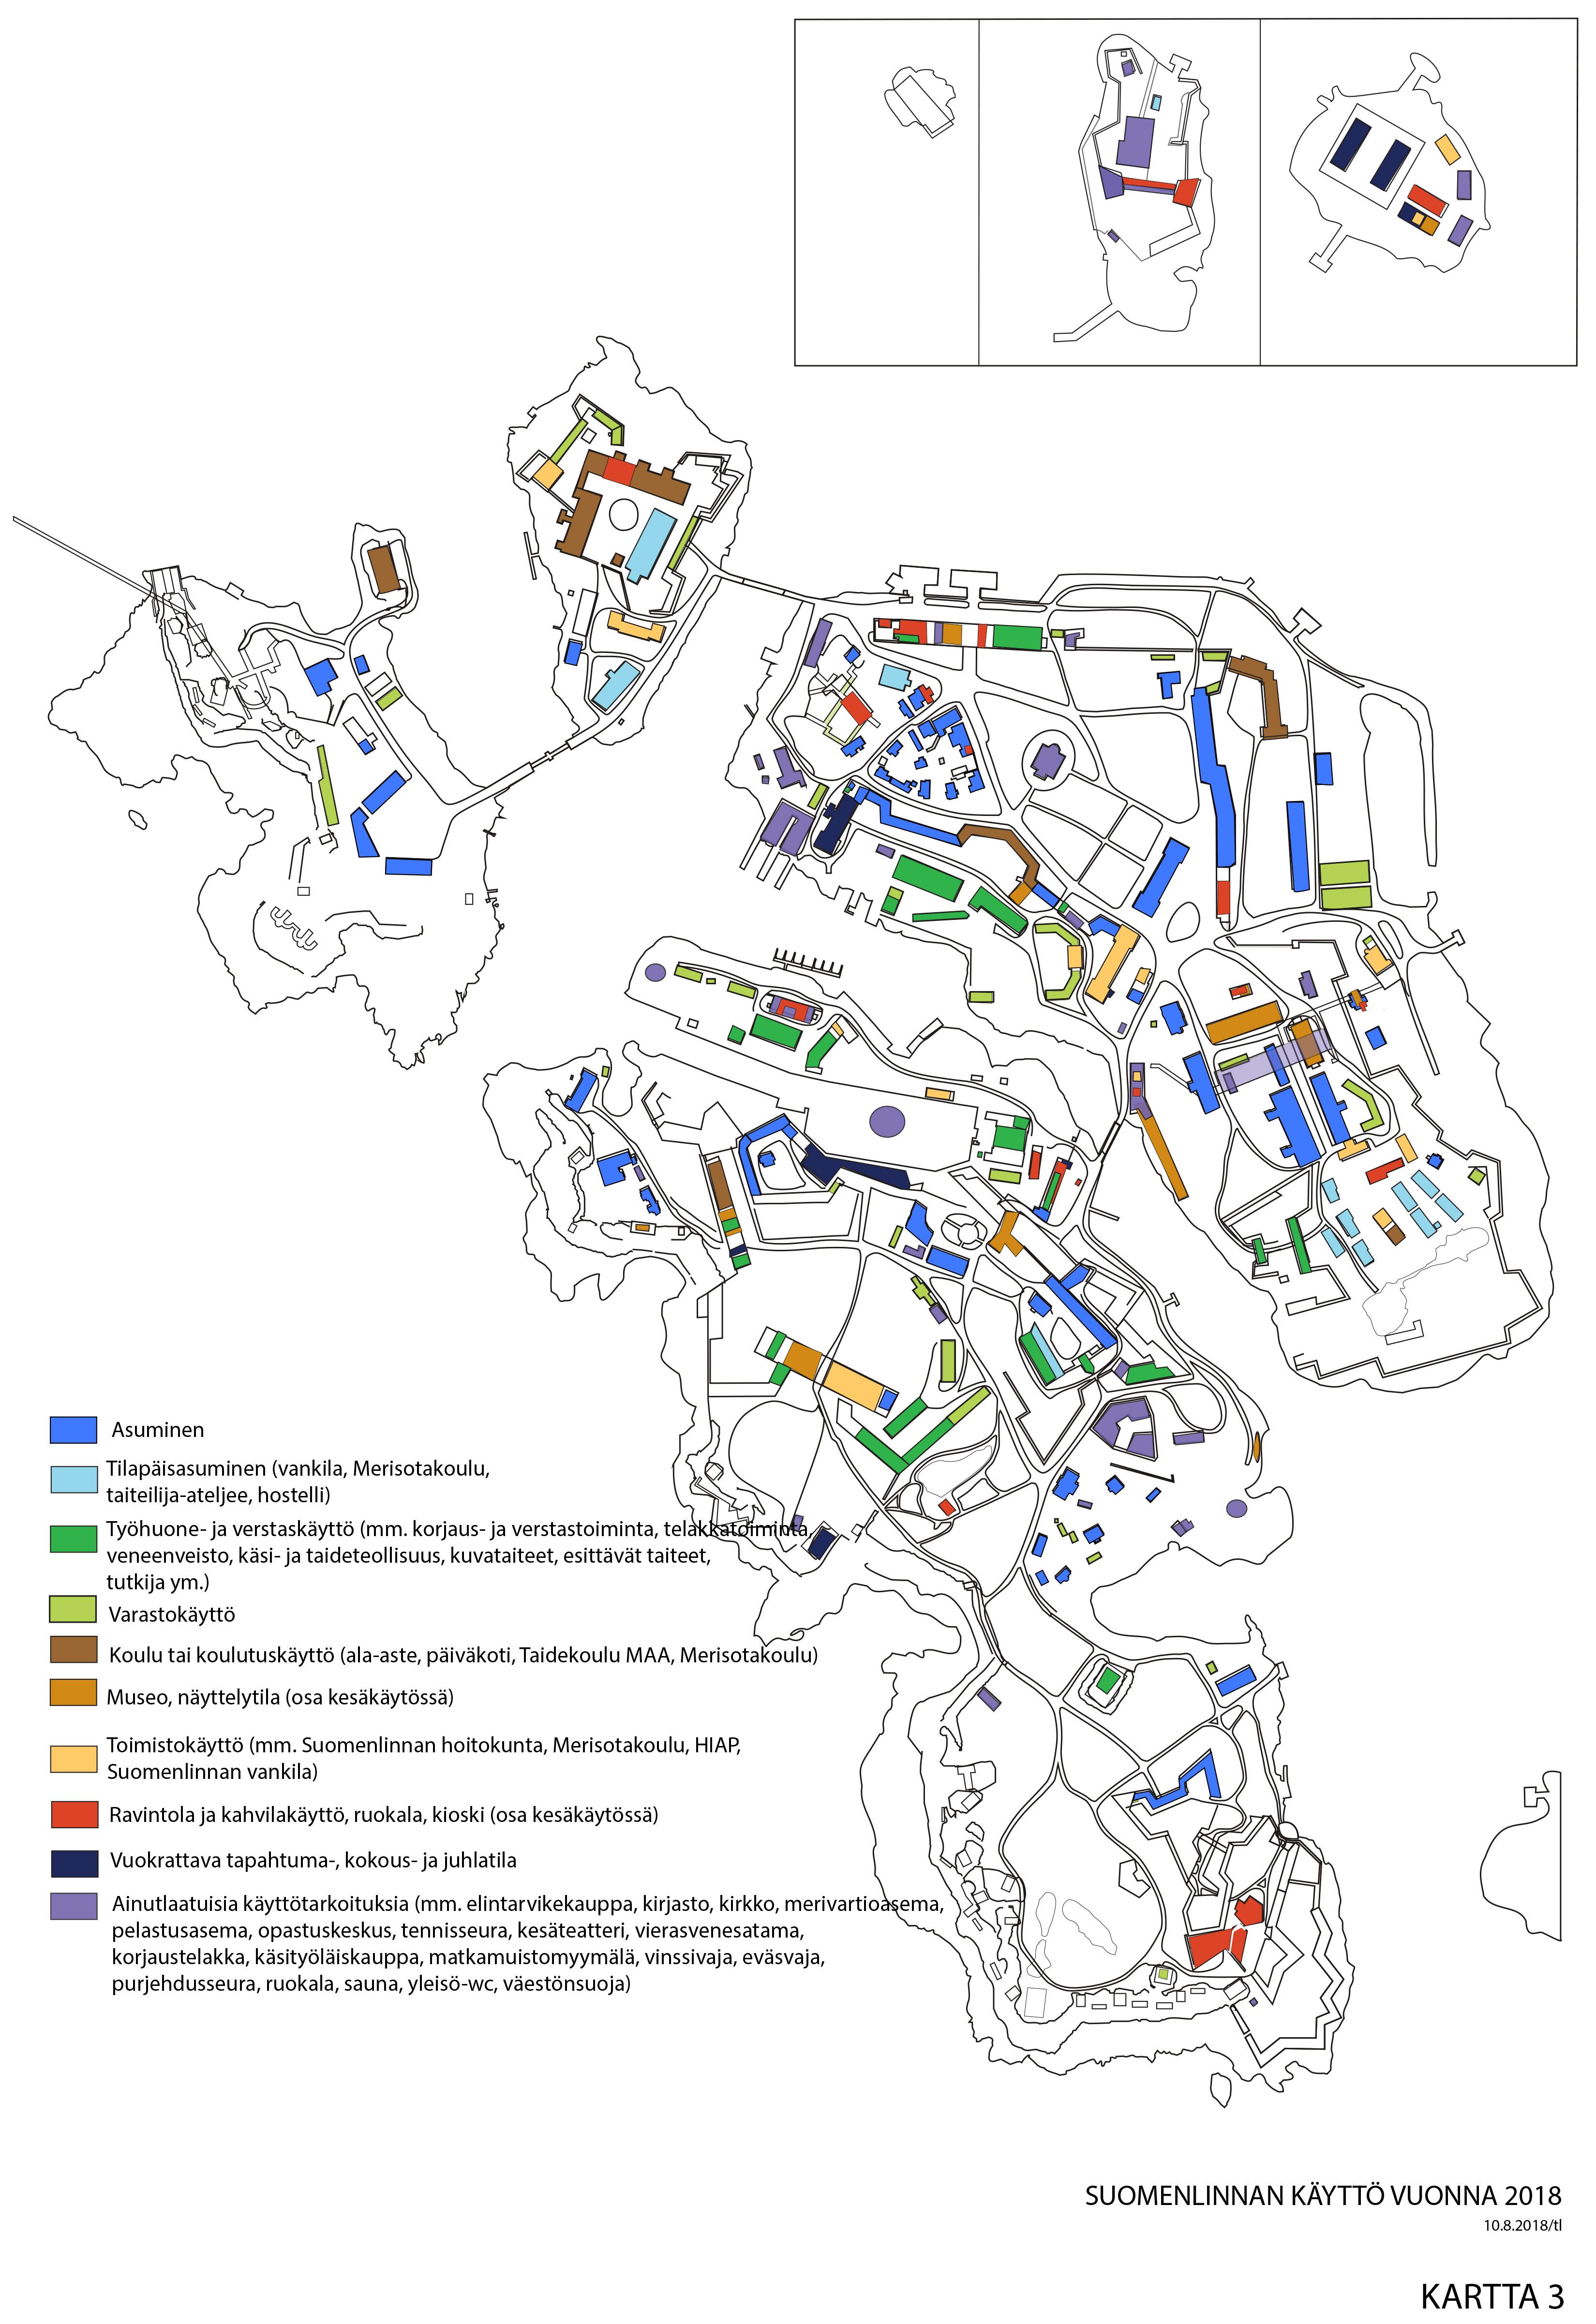 Karttapohja, johon on eri värein merkattu rakennusten käyttötarkoitus.